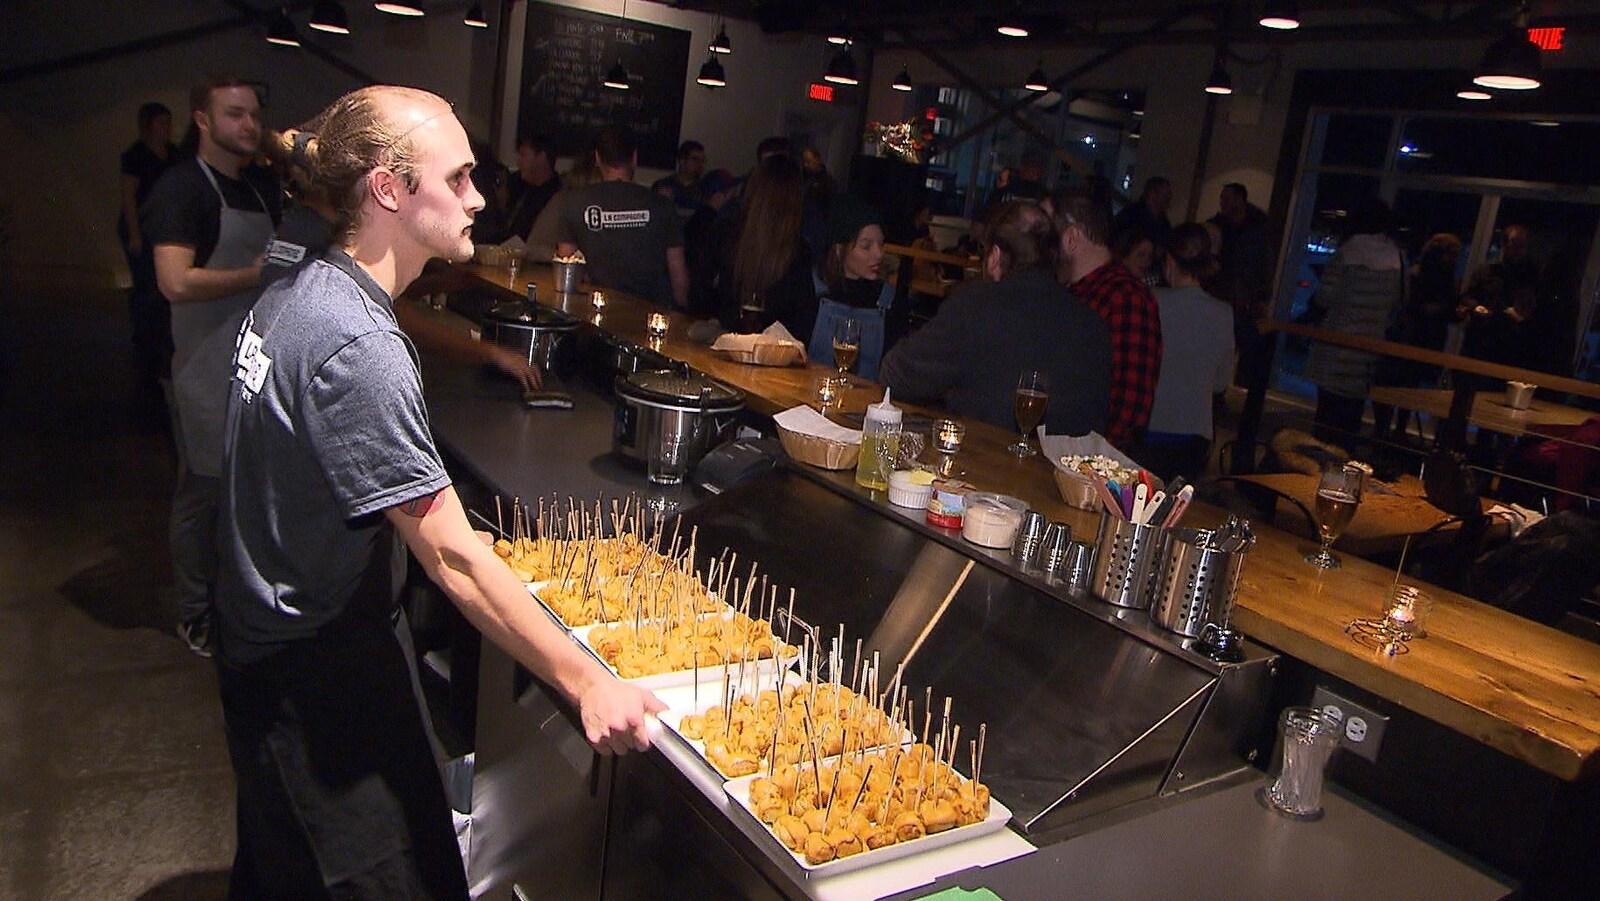 Un serveur dans une brasserie avec des hors d'oeuvre pour la dégustation de La Compagnie, une nouvelle bière artisanale à Sept-Îles